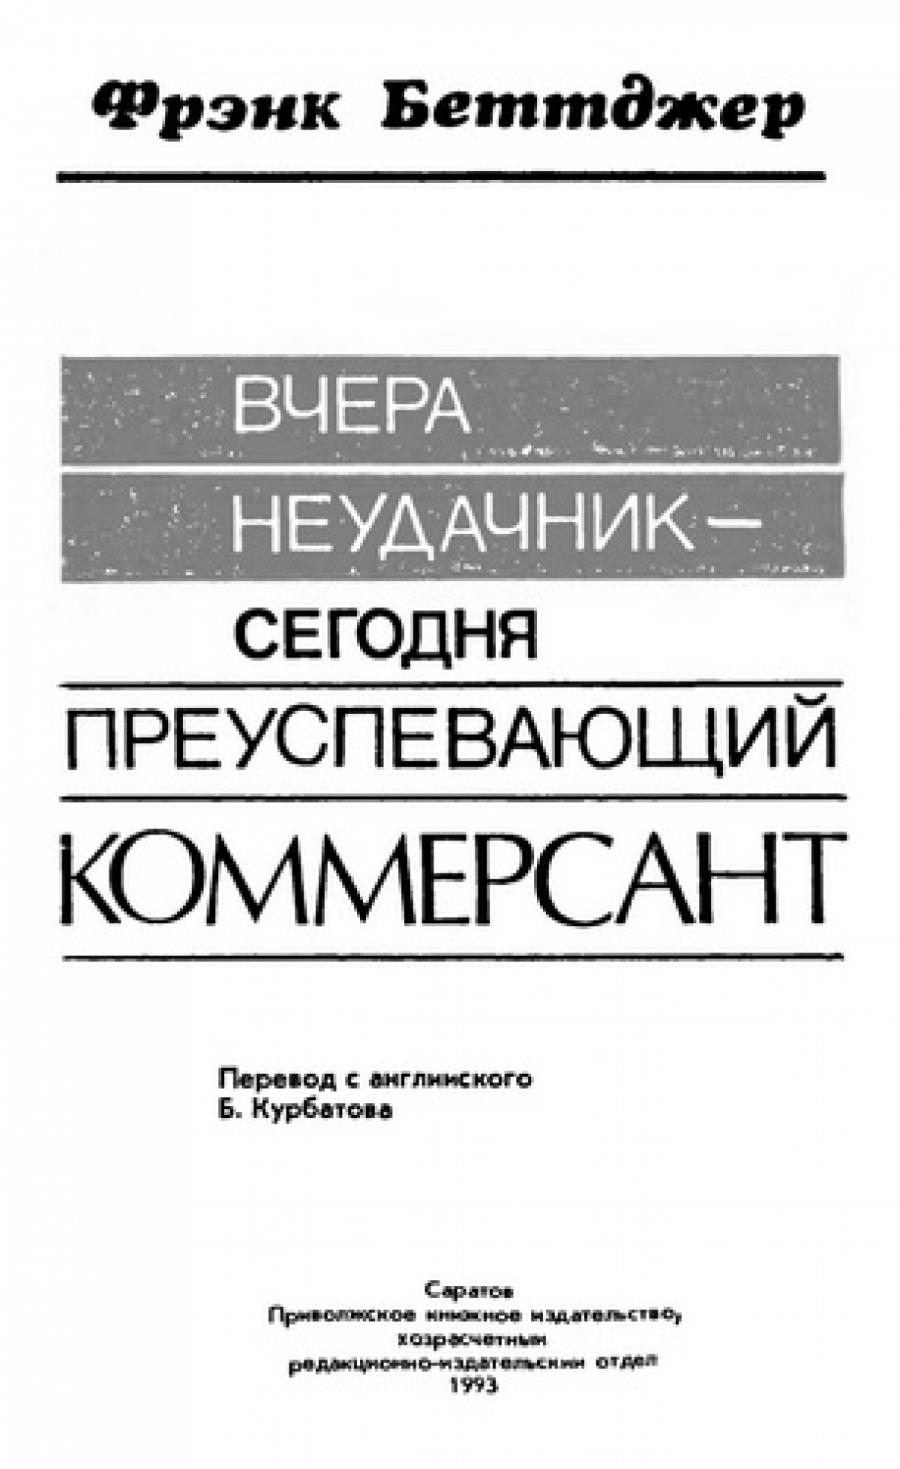 Обложка книги:  беттджер фрэнк - вчера неудачник - сегодня преуспевающий коммерсант